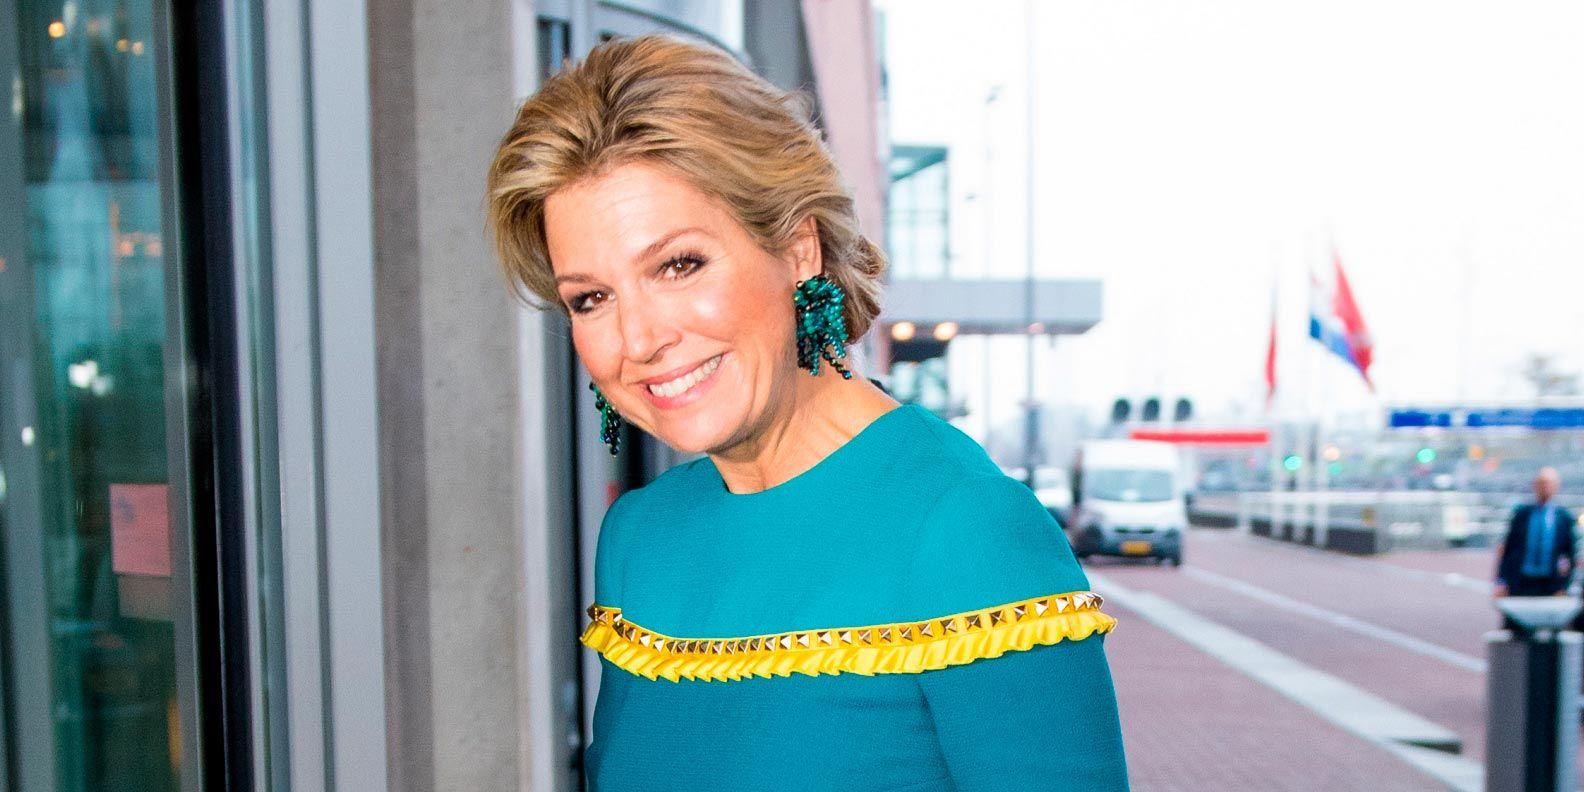 Máxima de Holanda en los Premios Príncipe Bernhard